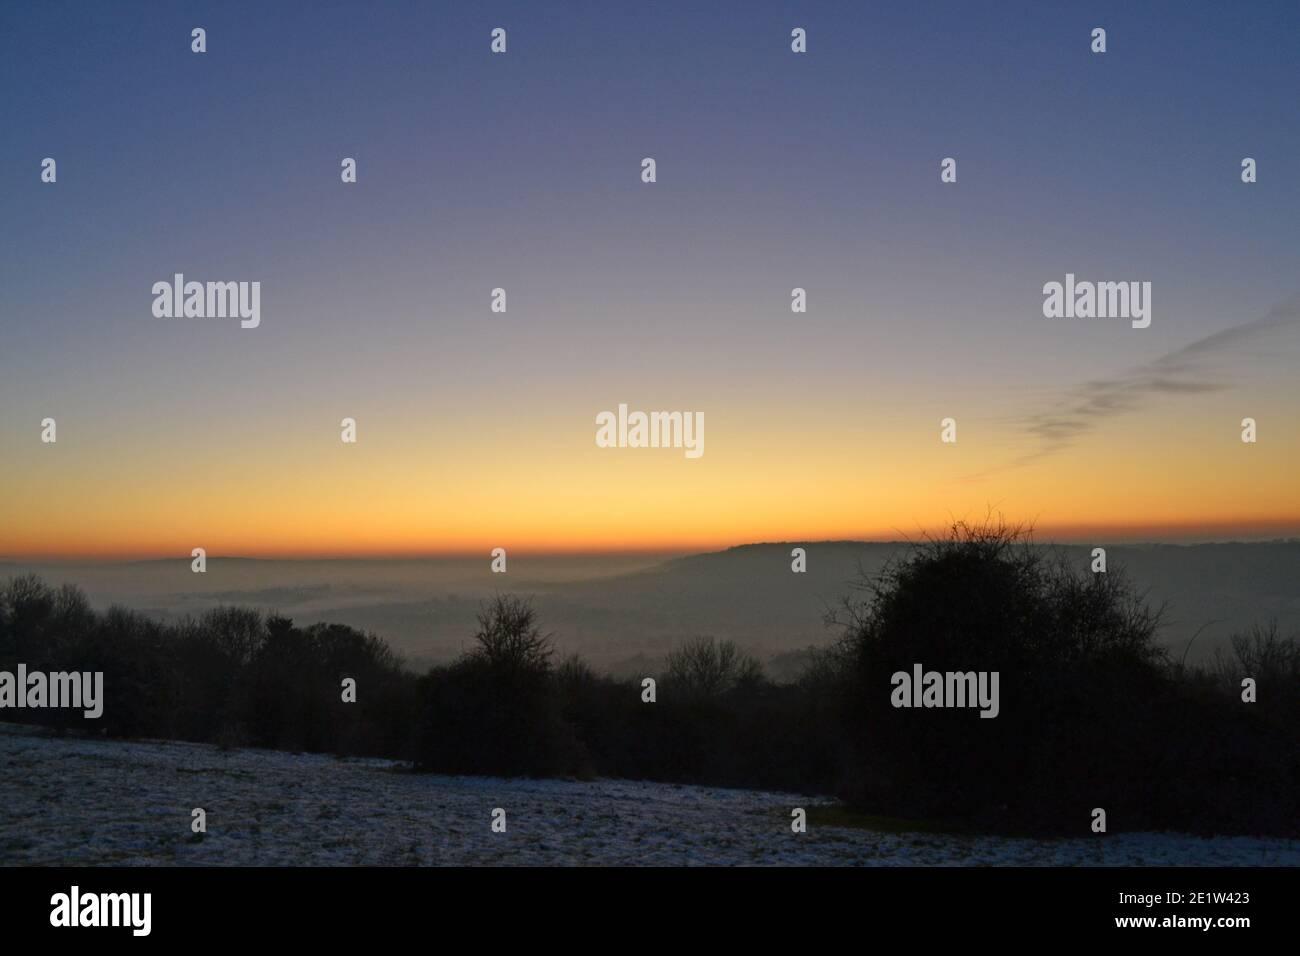 Espectacular puesta de sol en la brumosa luz de invierno en el North Downs, Fackenden Down, en Kent, cerca de Sevenoaks, crujiente, cielo claro sobre el enorme resplandor naranja, cielo azul Foto de stock